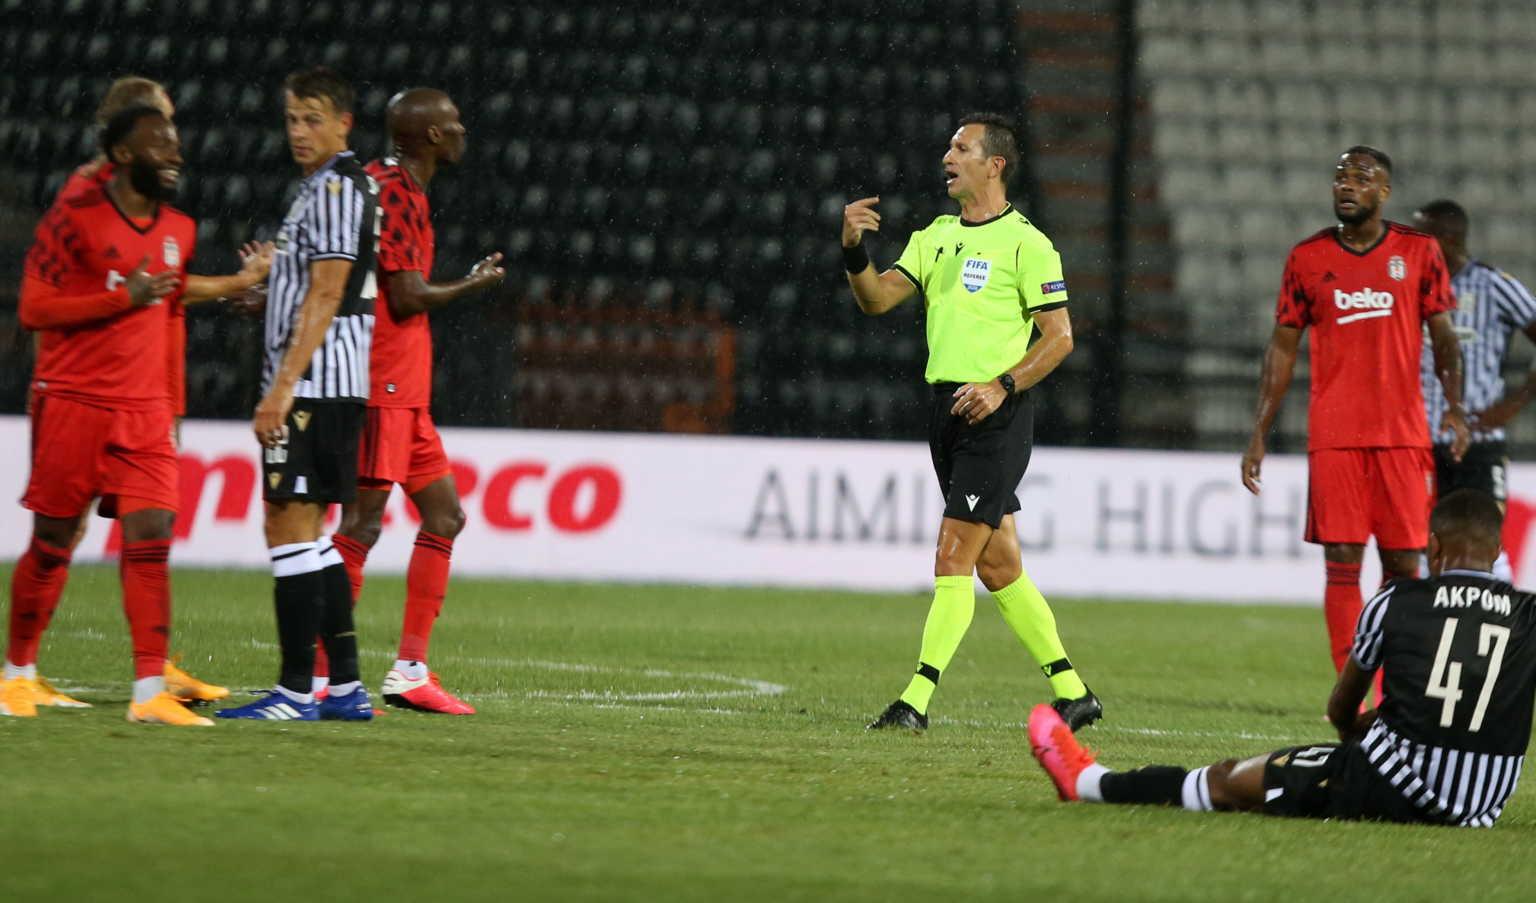 Η Μπεσίκτας ετοιμάζει καταγγελία στην UEFA για το ματς με τον ΠΑΟΚ!